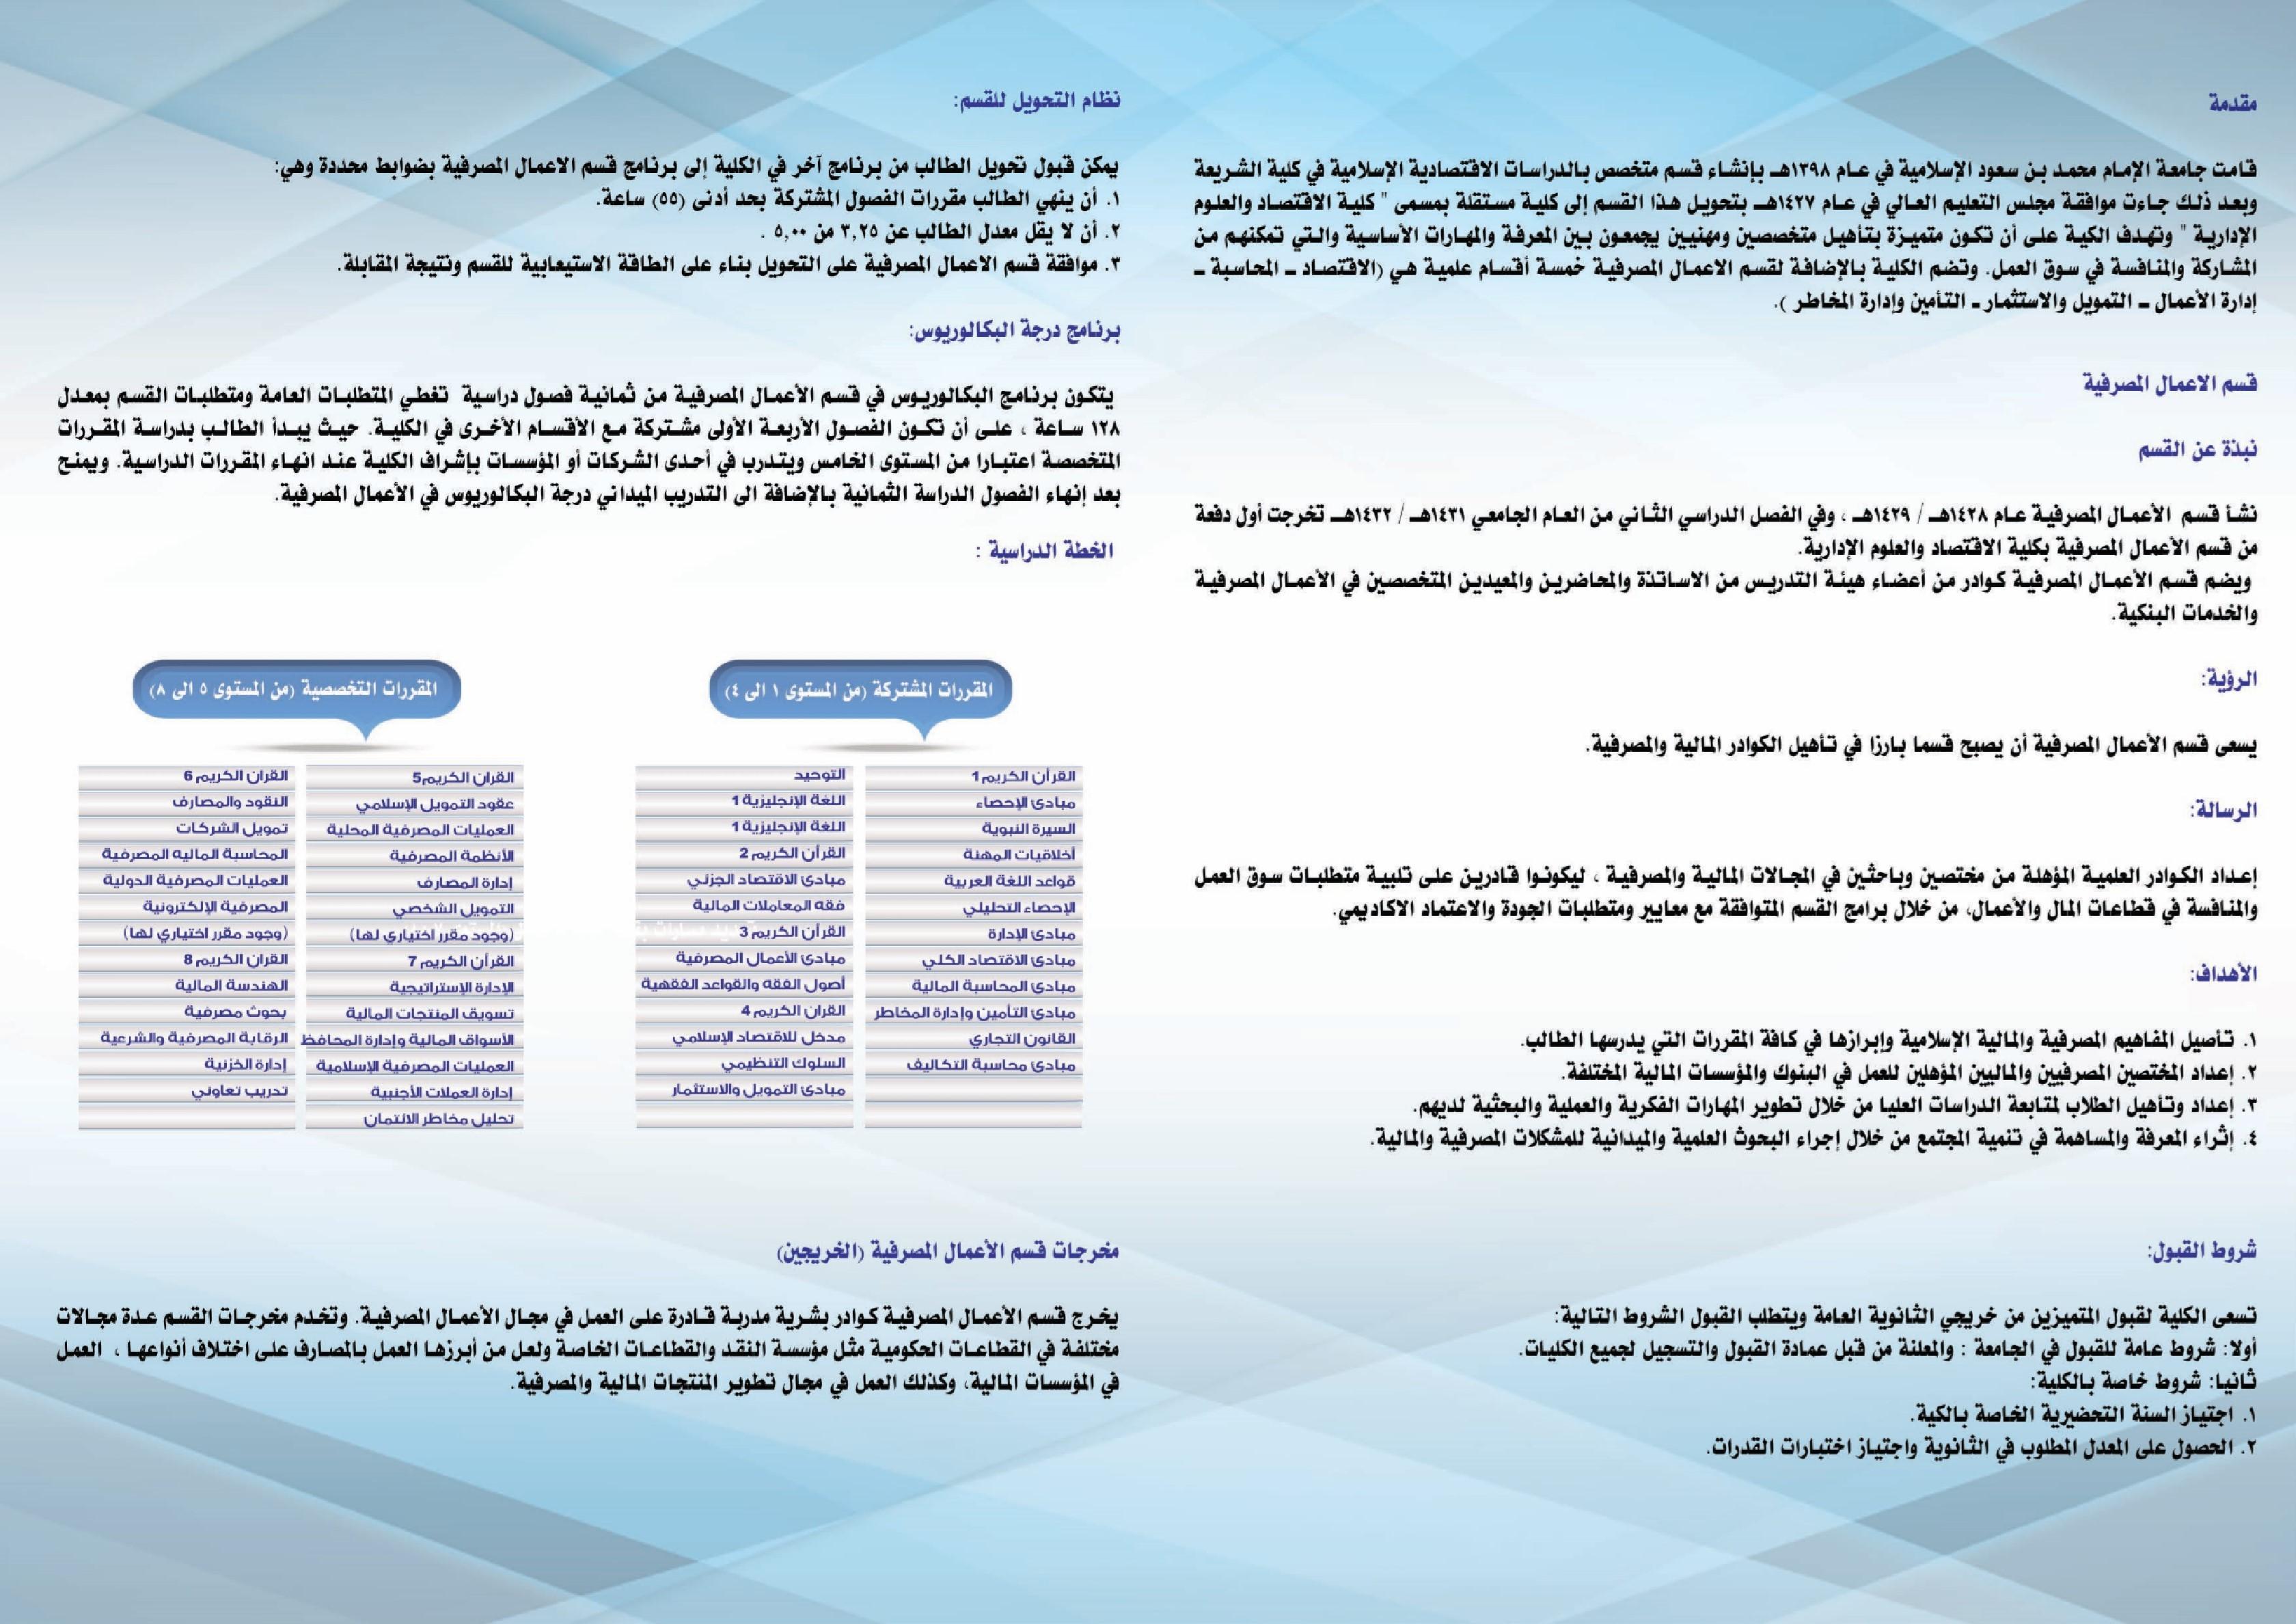 كتاب الماجستير في أدارة الاعمال pdf ...